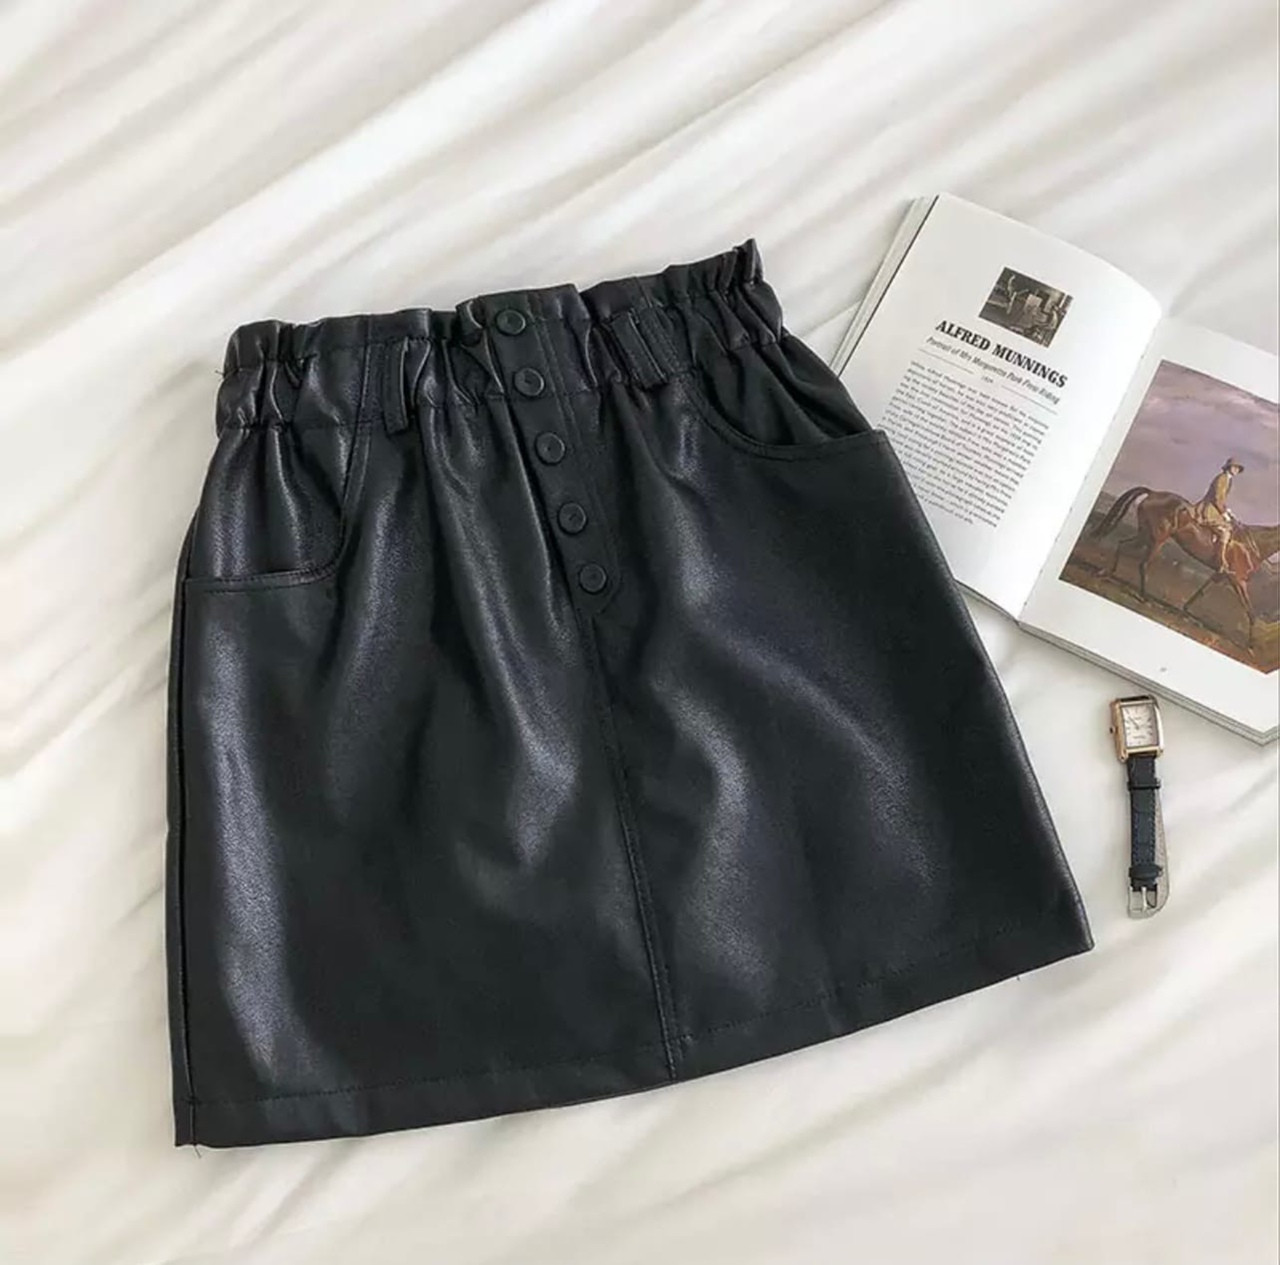 Женская юбка, экокожа, р-р 42-44; 44-46; 46-48 (чёрный)